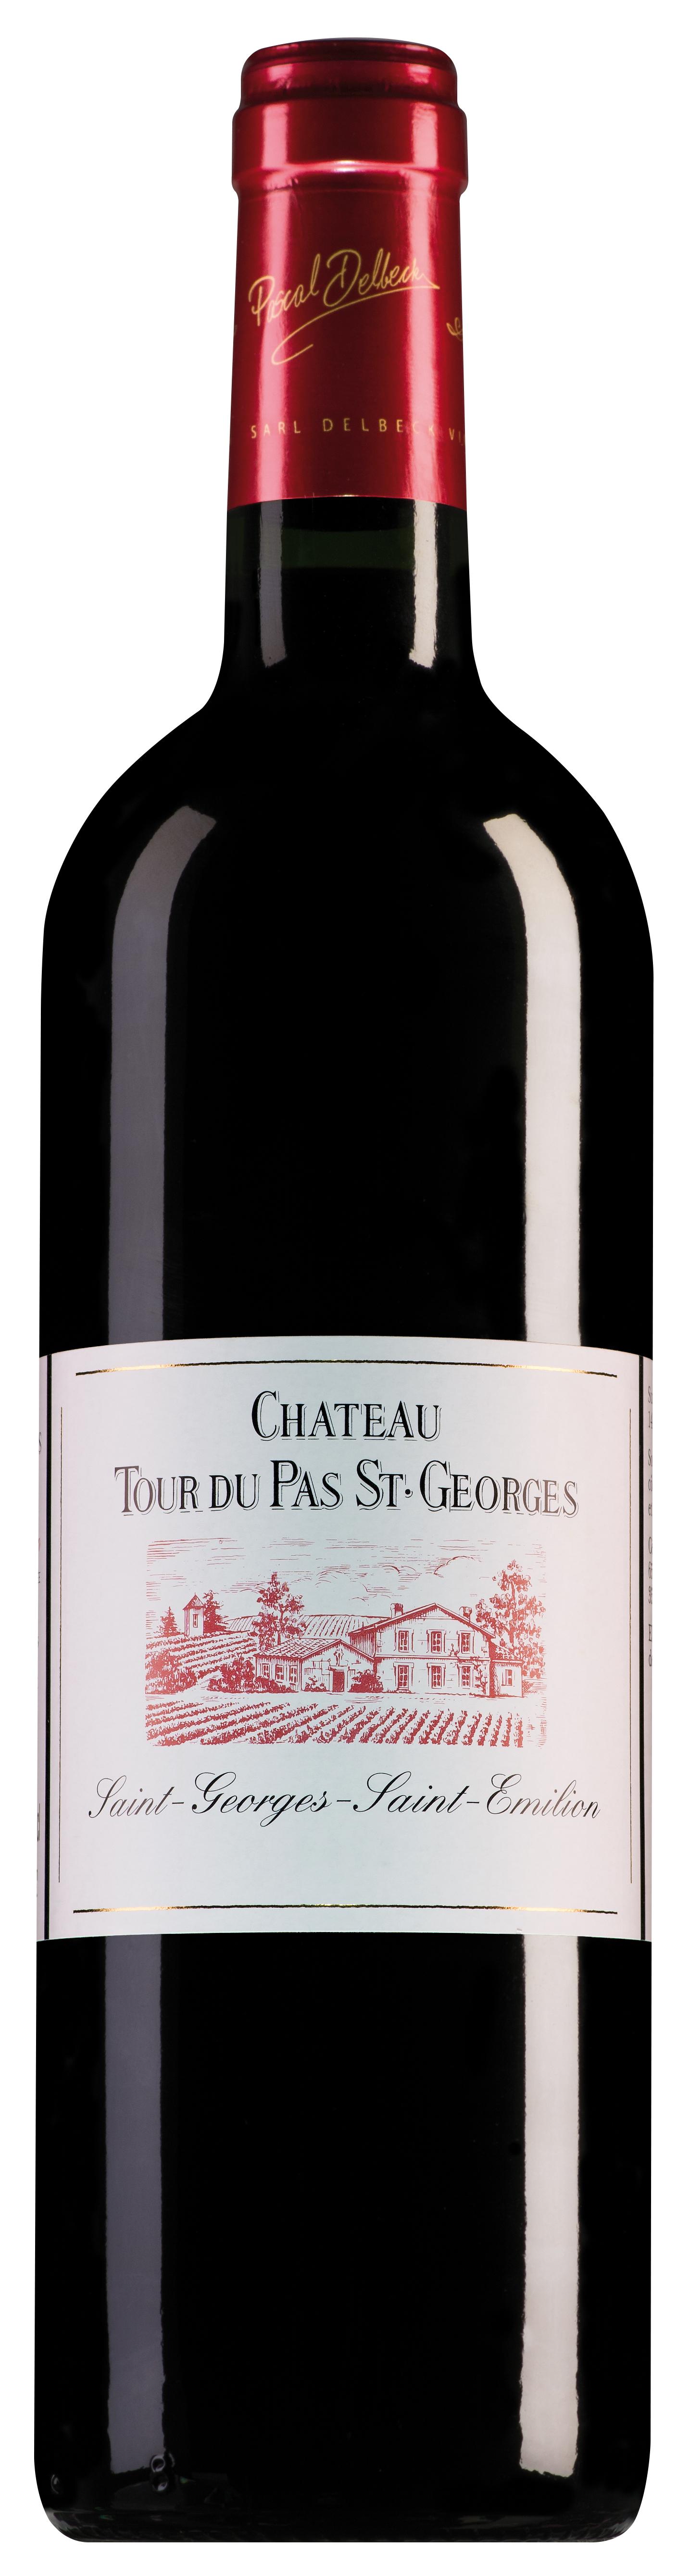 Château Tour du Pas Saint-Georges St-Georges-St-Émilion